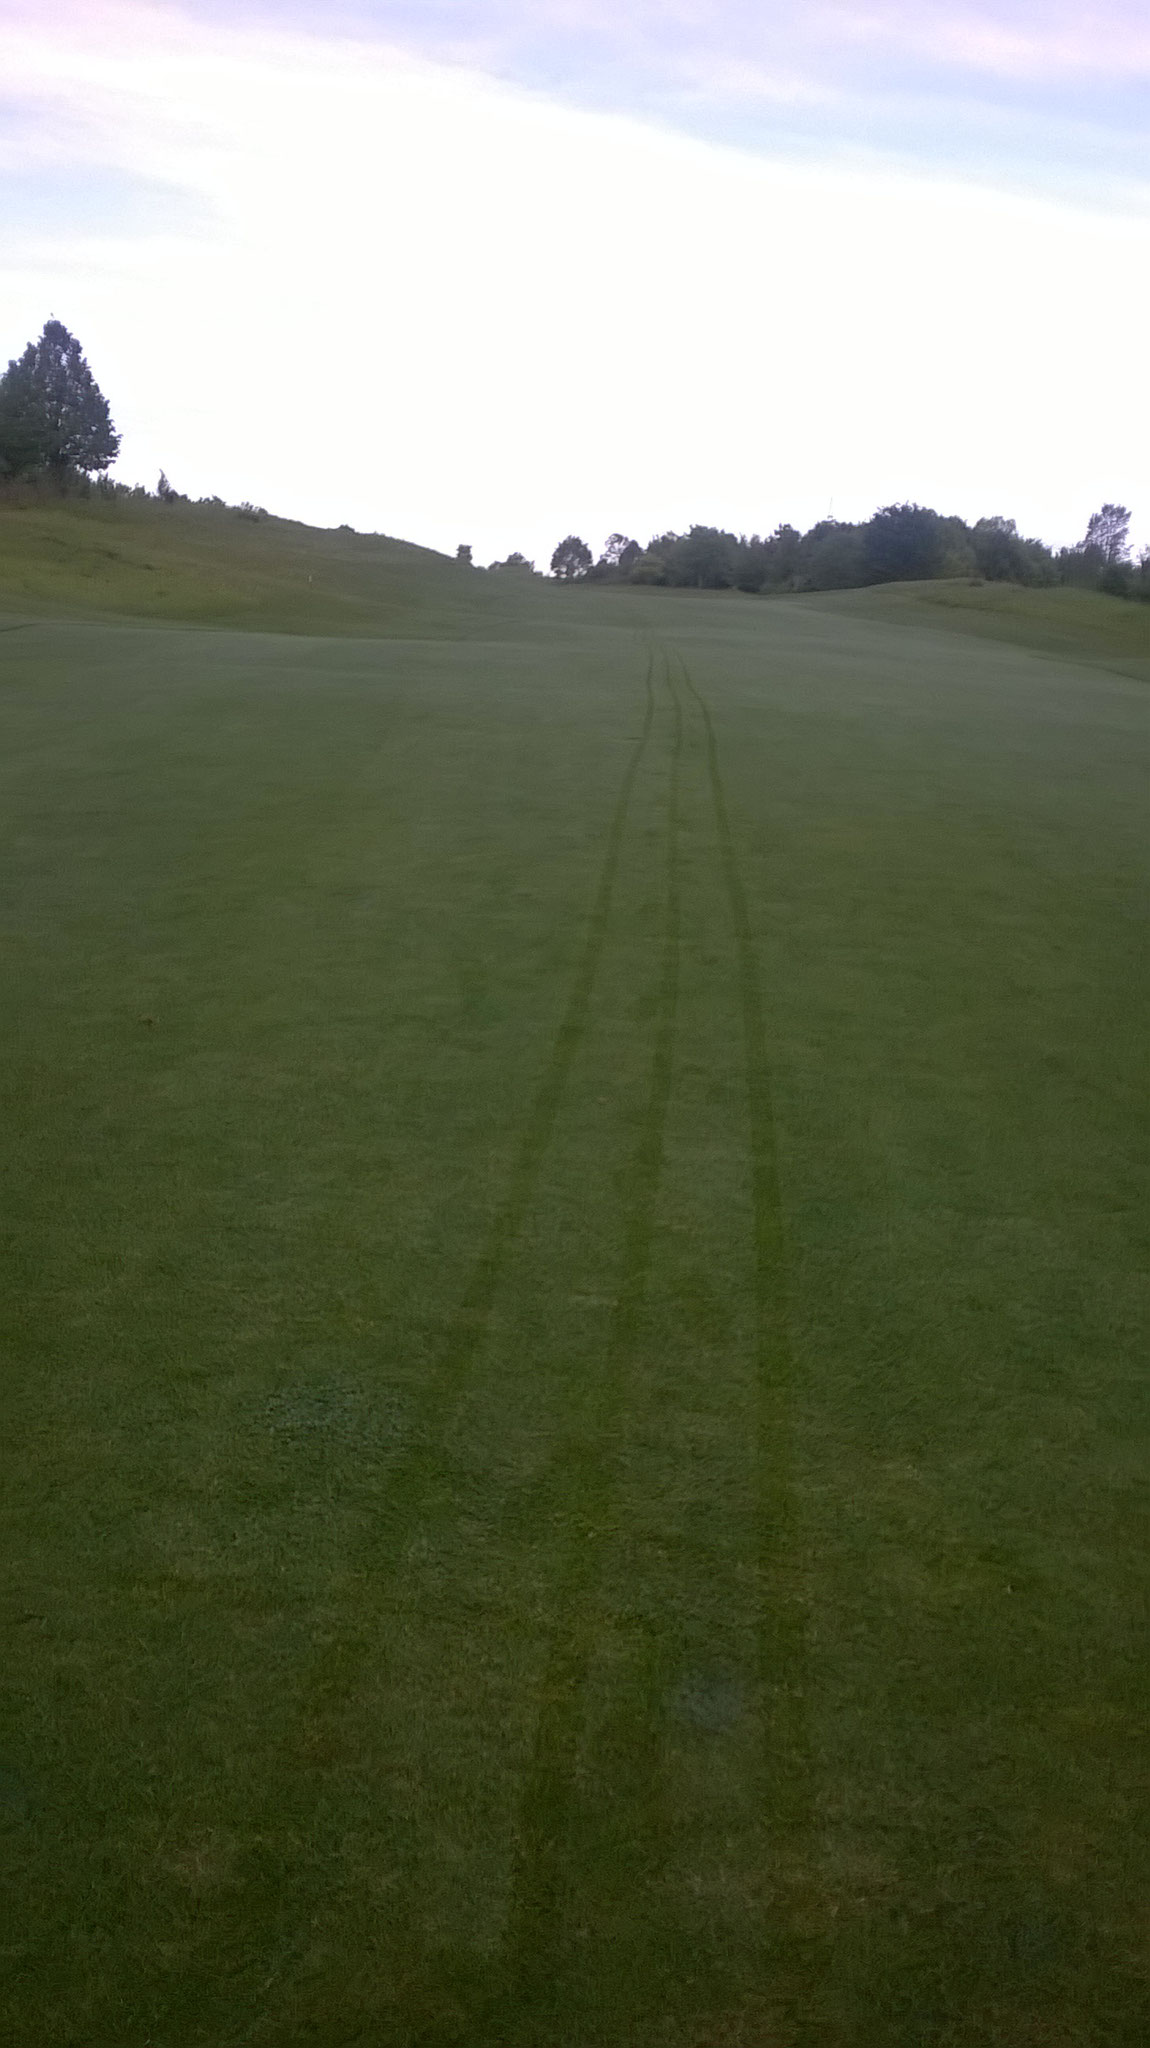 gerade Spuren vom Golfcart sind nicht immer die Regel